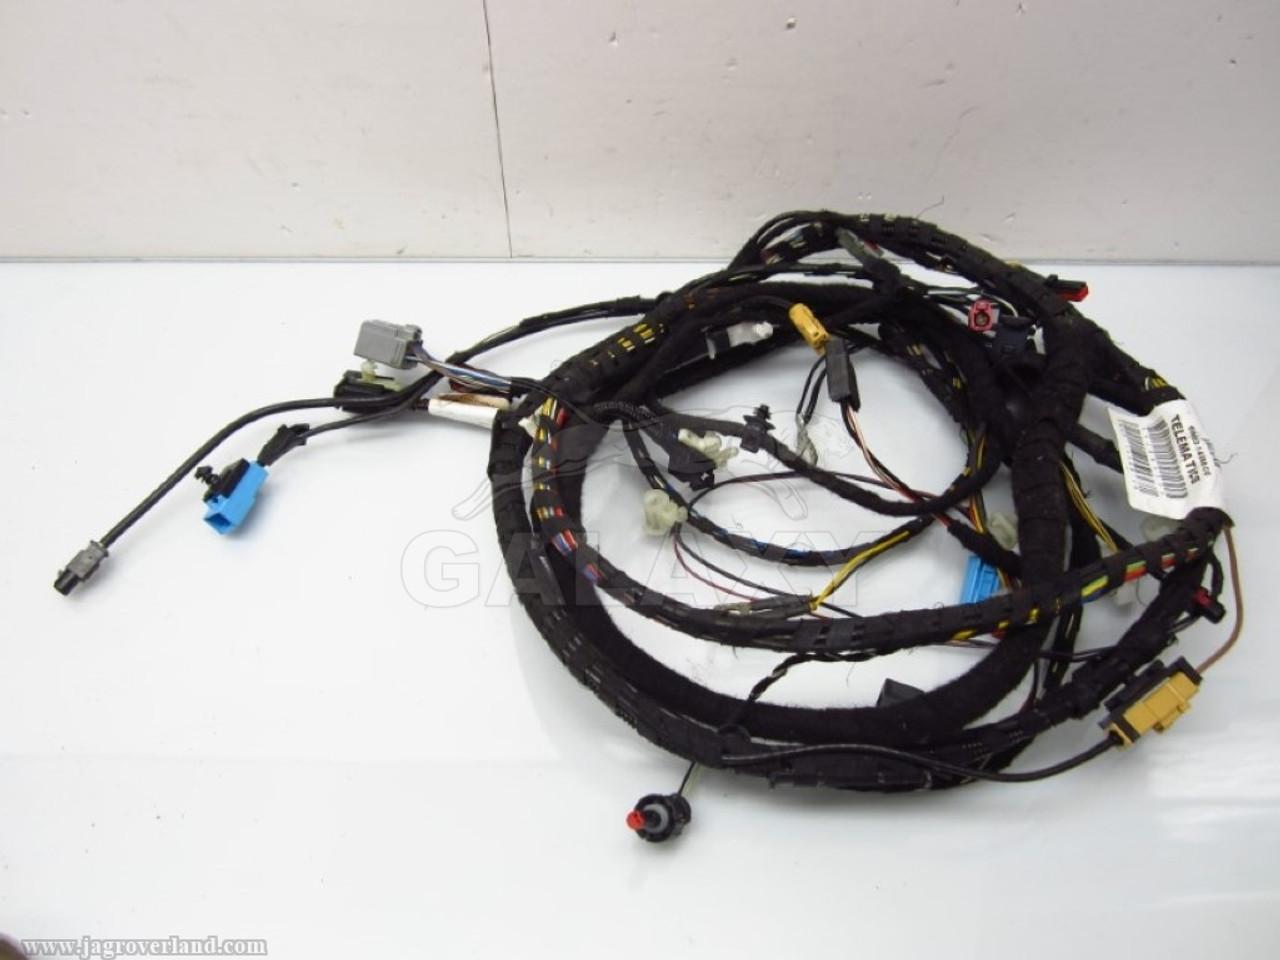 07 Xk R Dash Wiring Harness Telematics Loom 6W83-14588-Cg Jaguar Xf Trunk Wiring Harness on